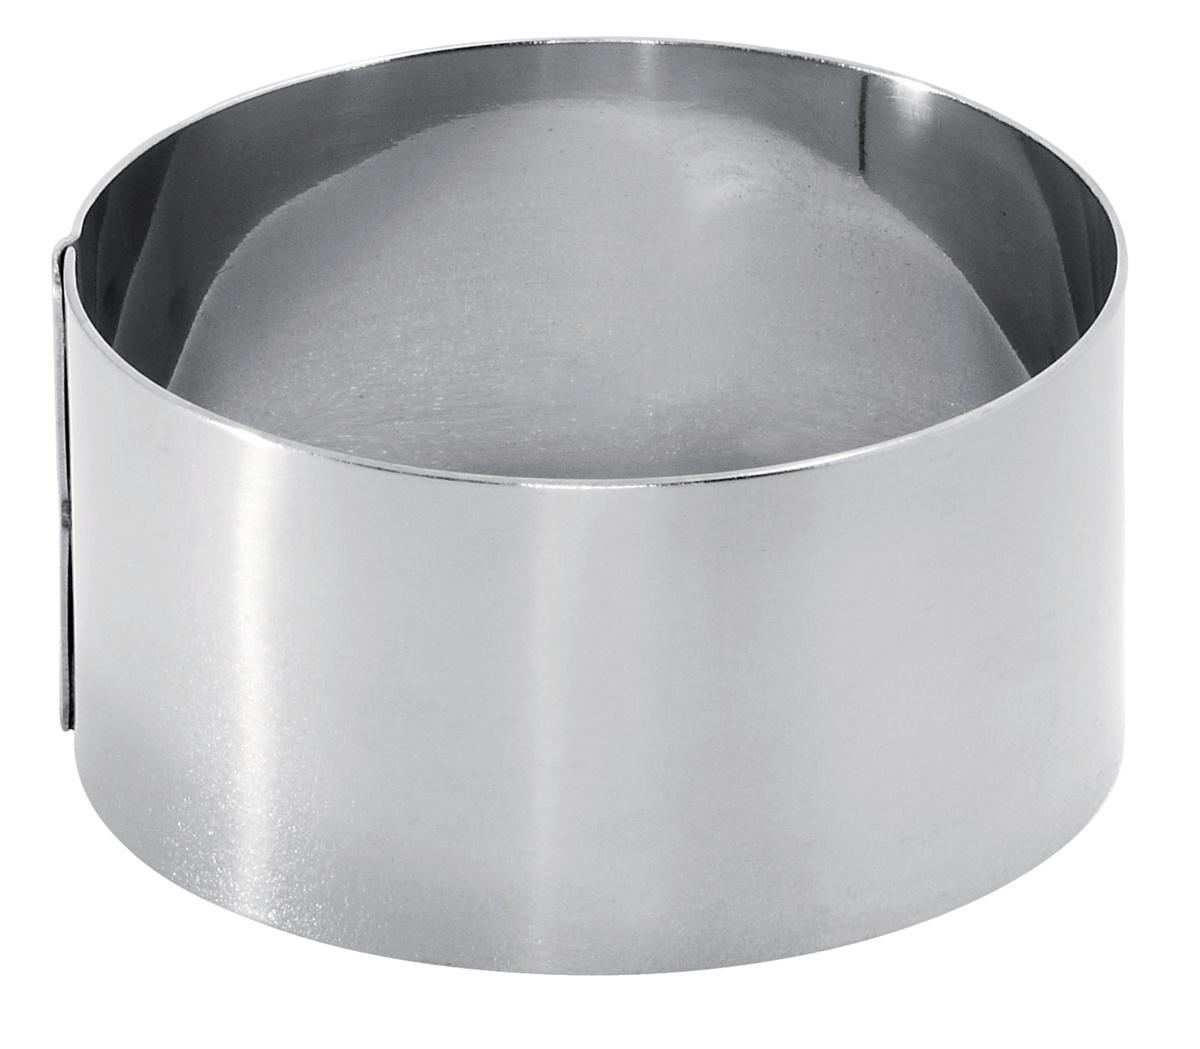 Cercle à mousse inox Ø 8 cm